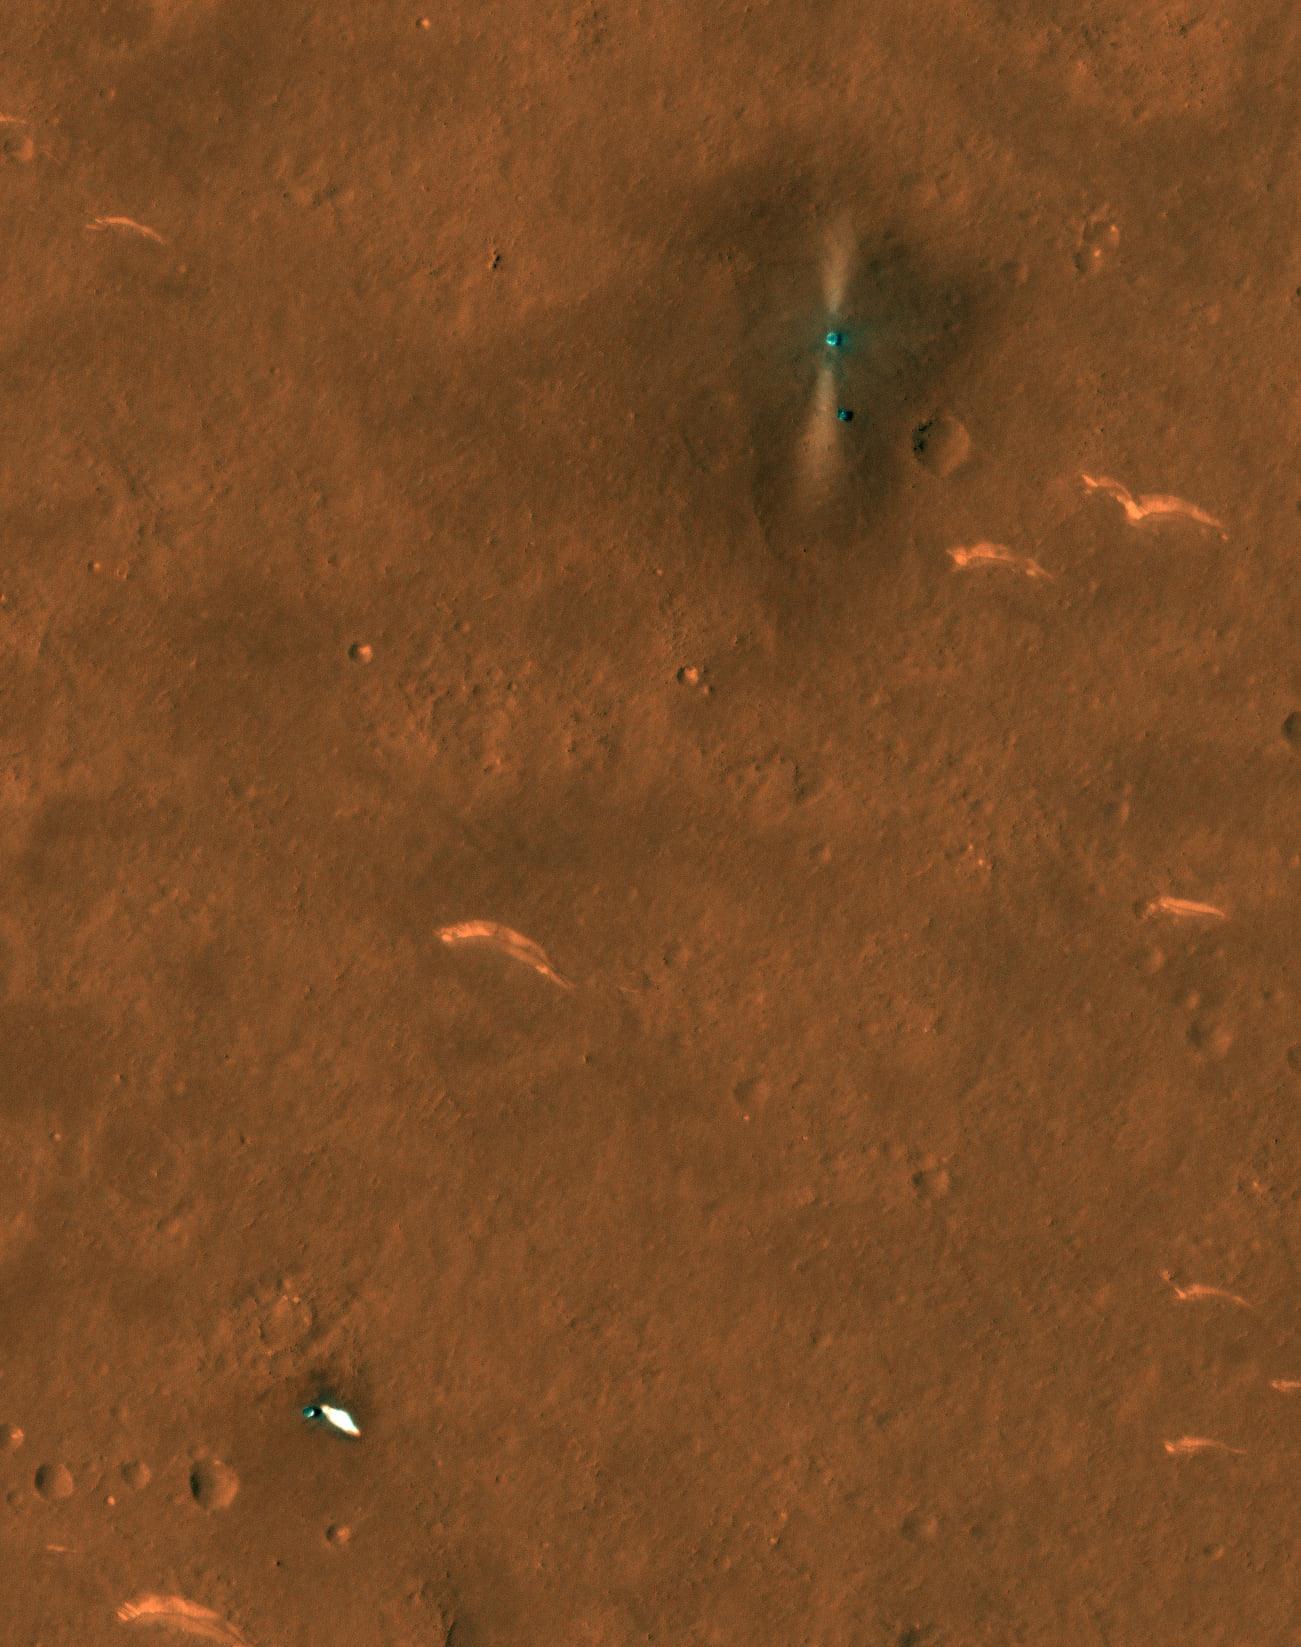 """Tο Mars Reconnaissance Orbiter φωτογραφιζει το """" Ζου-Ρογκ """" στο εδαφος"""